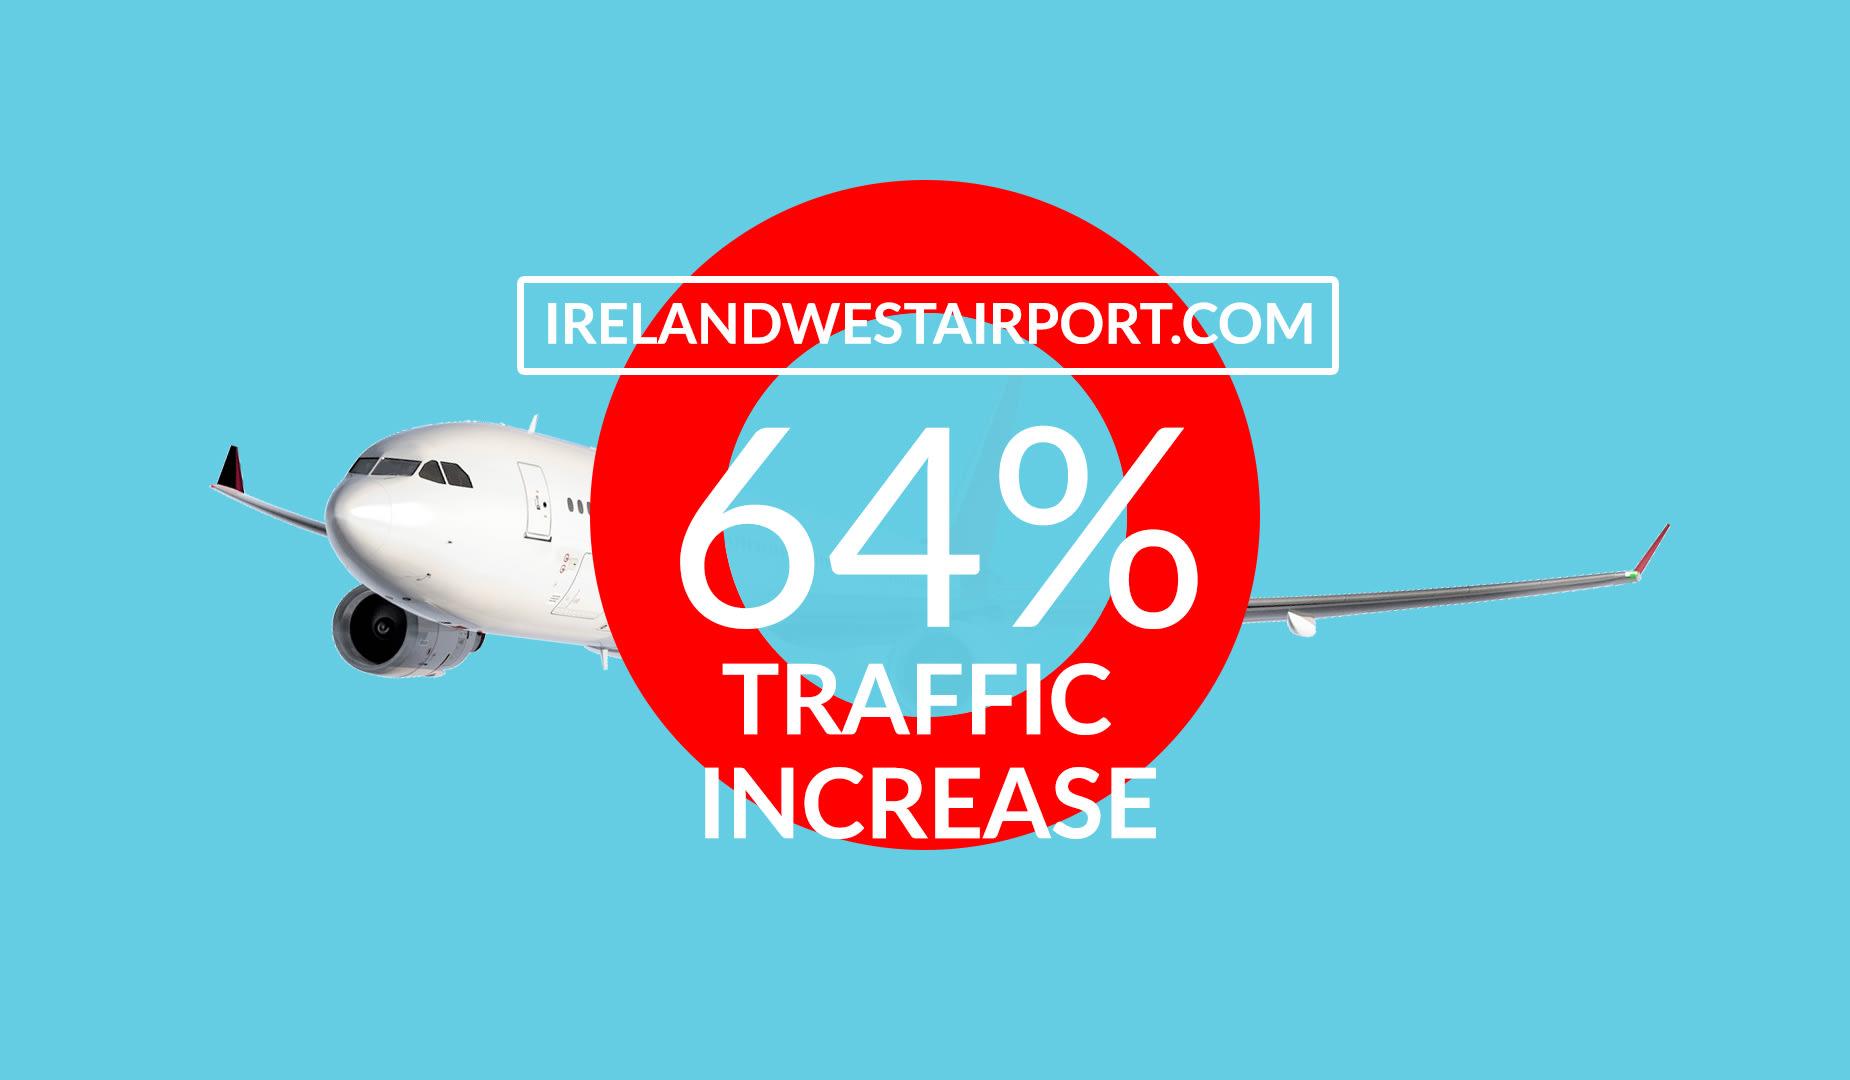 airport seo ryco marketing company dublin